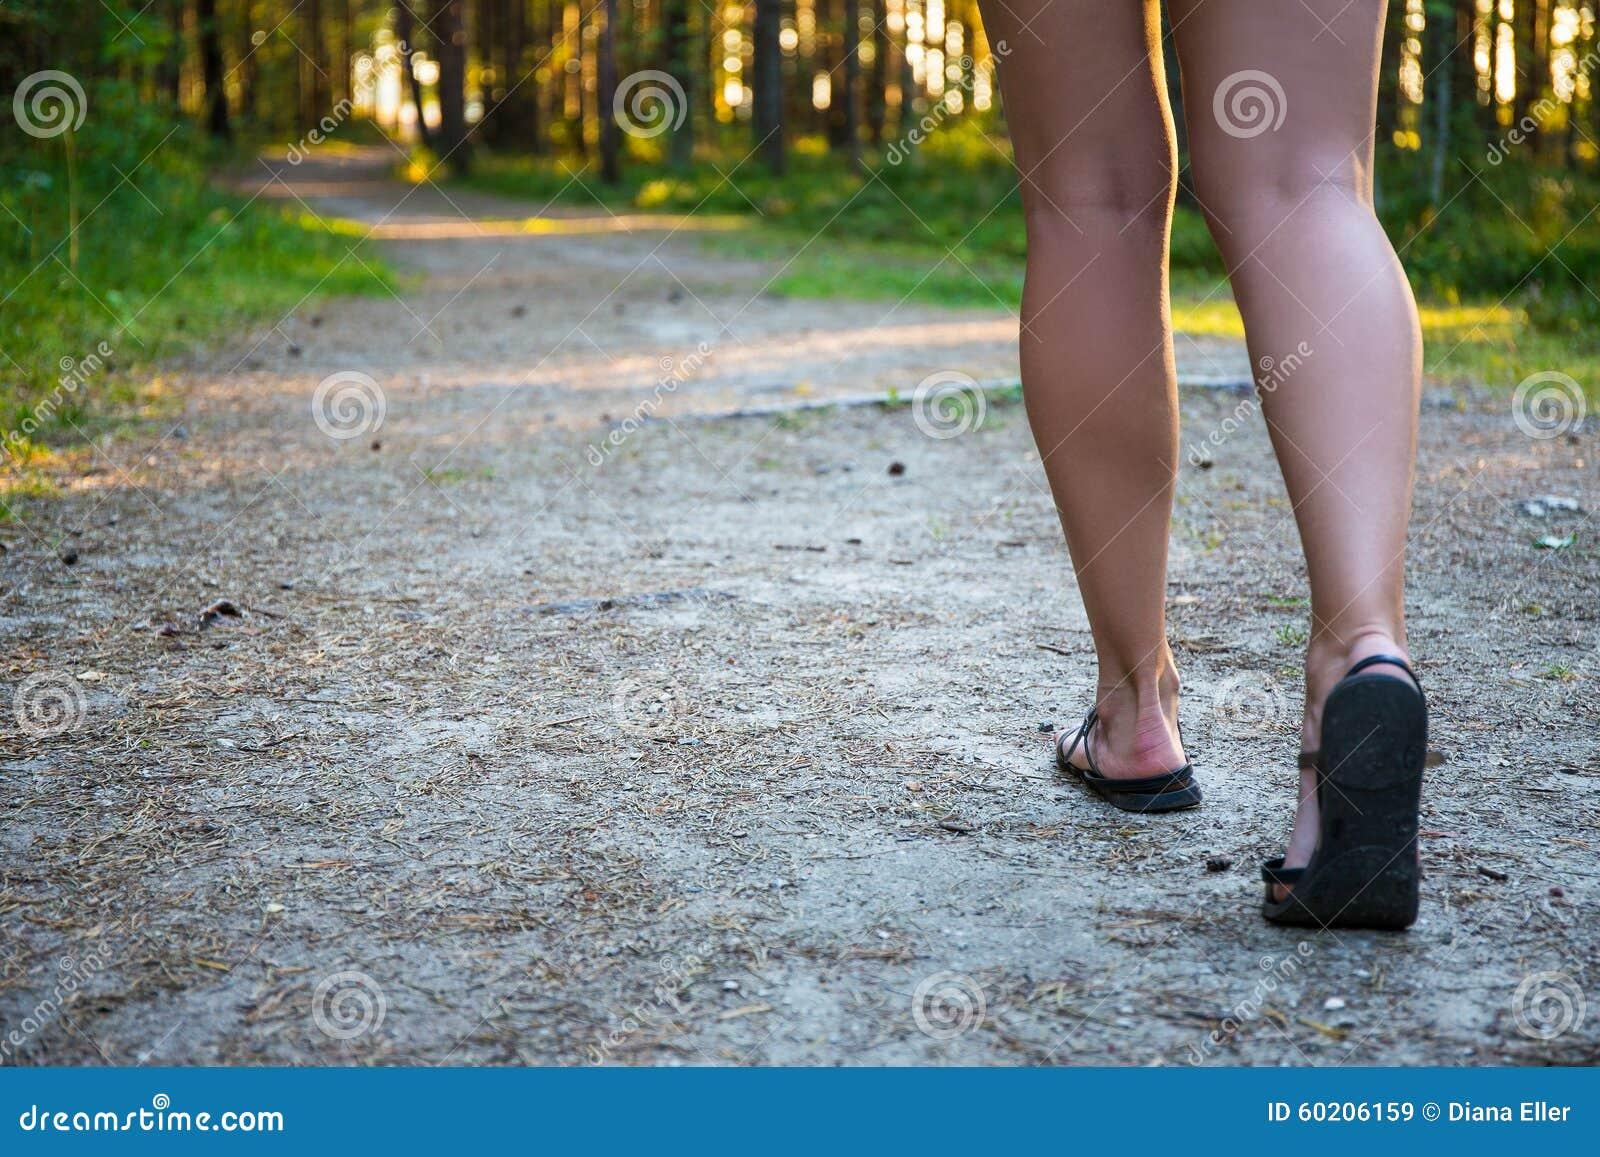 Weibliche Beine in den Sandalen, die auf Waldweg gehen